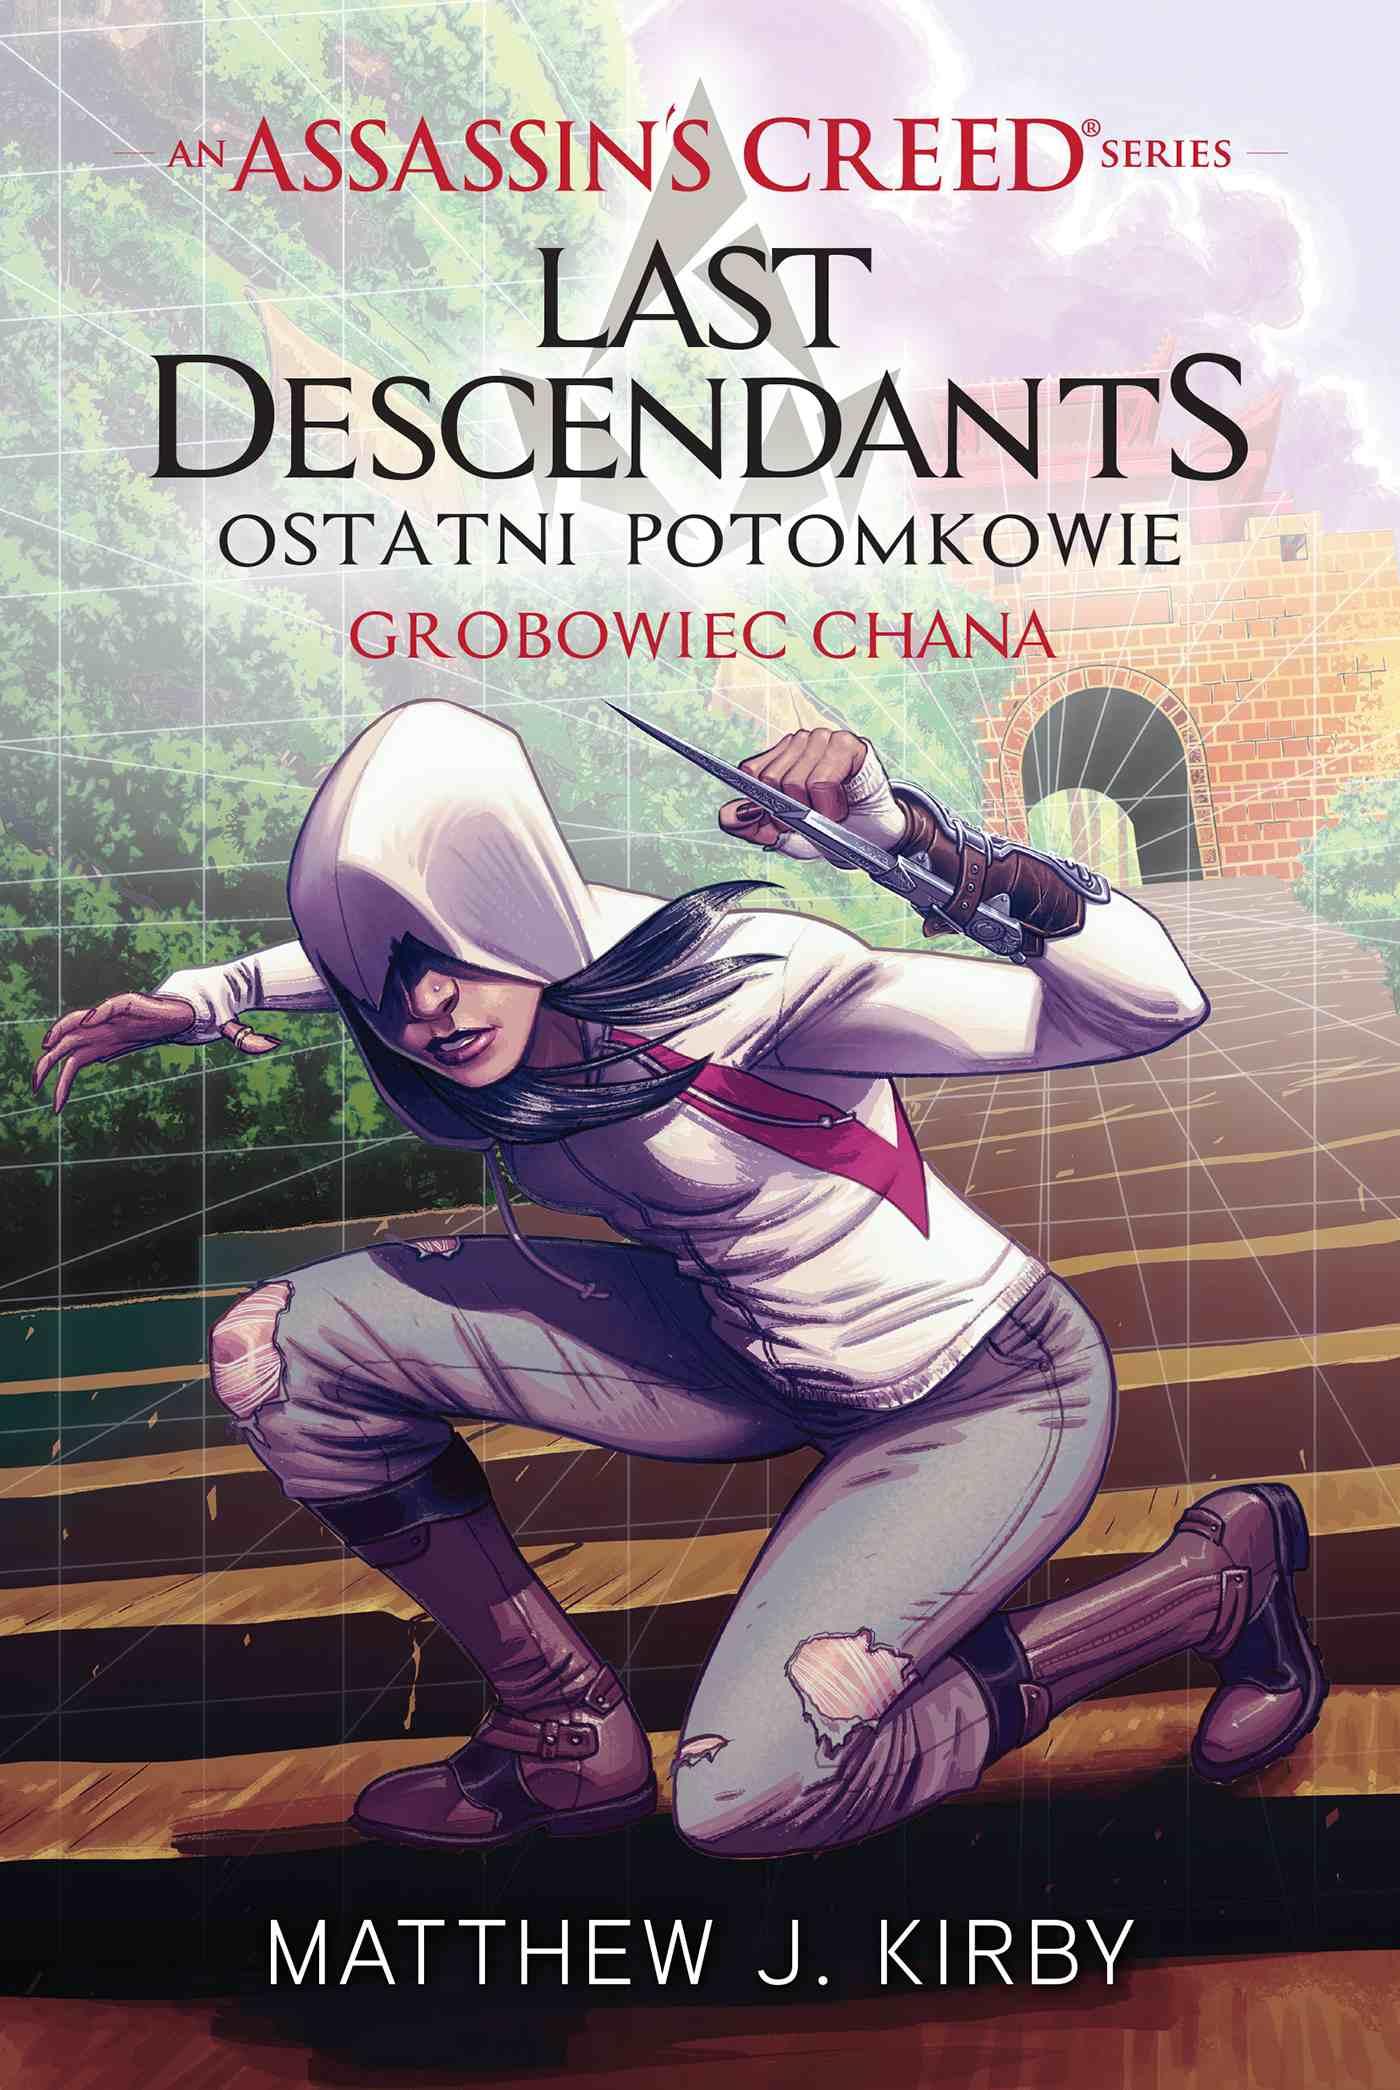 Assassin's Creed: Ostatni potomkowie. Grobowiec chana - Ebook (Książka EPUB) do pobrania w formacie EPUB